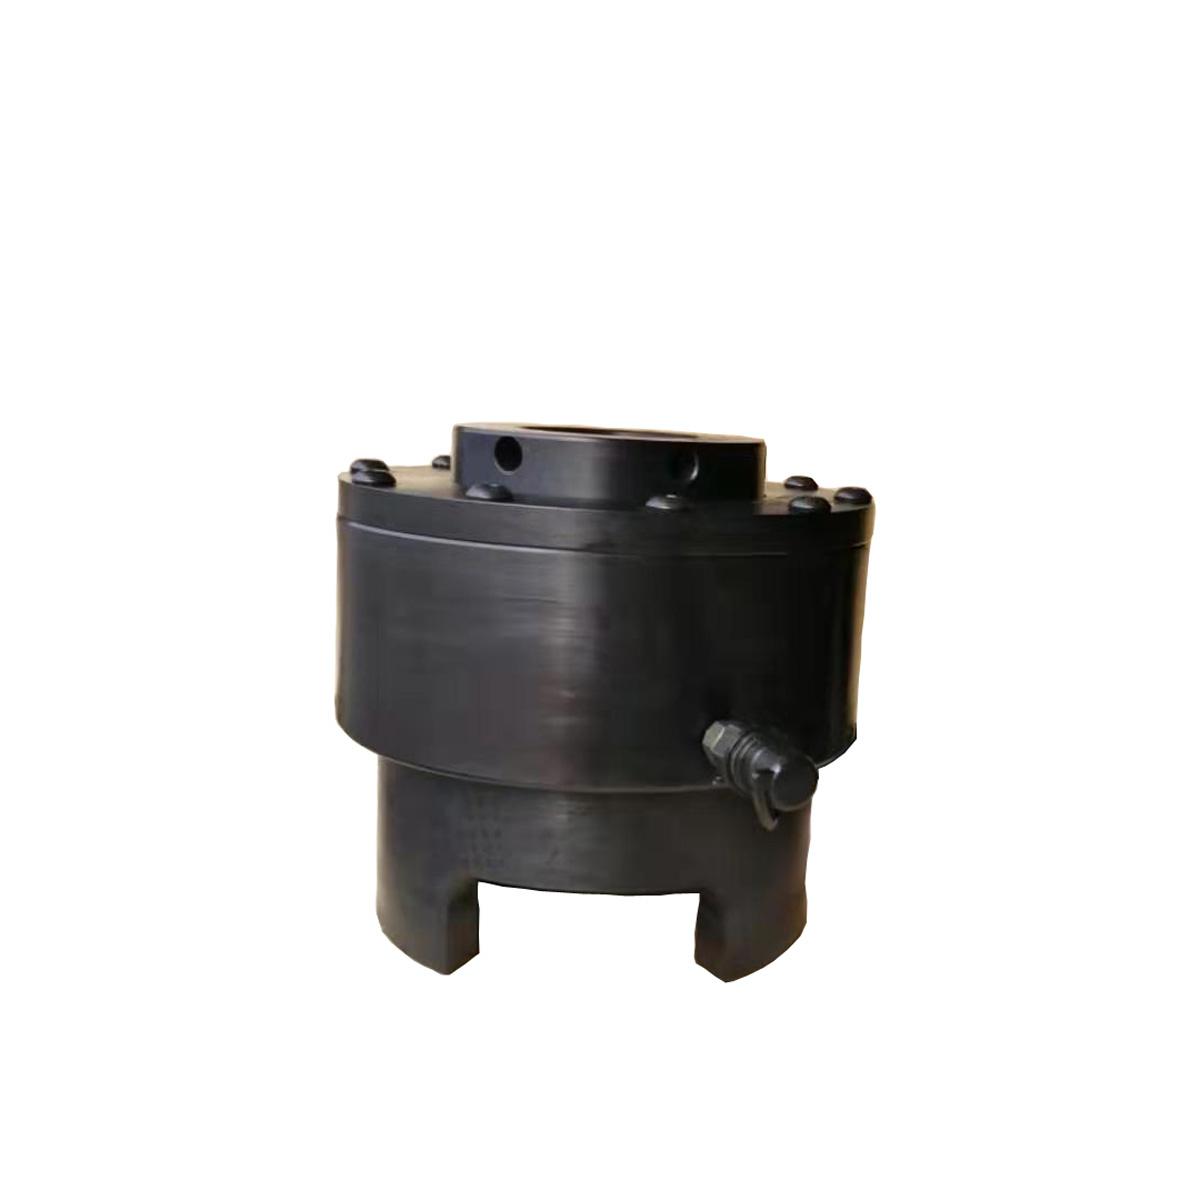 分体式自动复位液压拉伸器 博诚液压 分体式自动复位液压拉伸器厂家